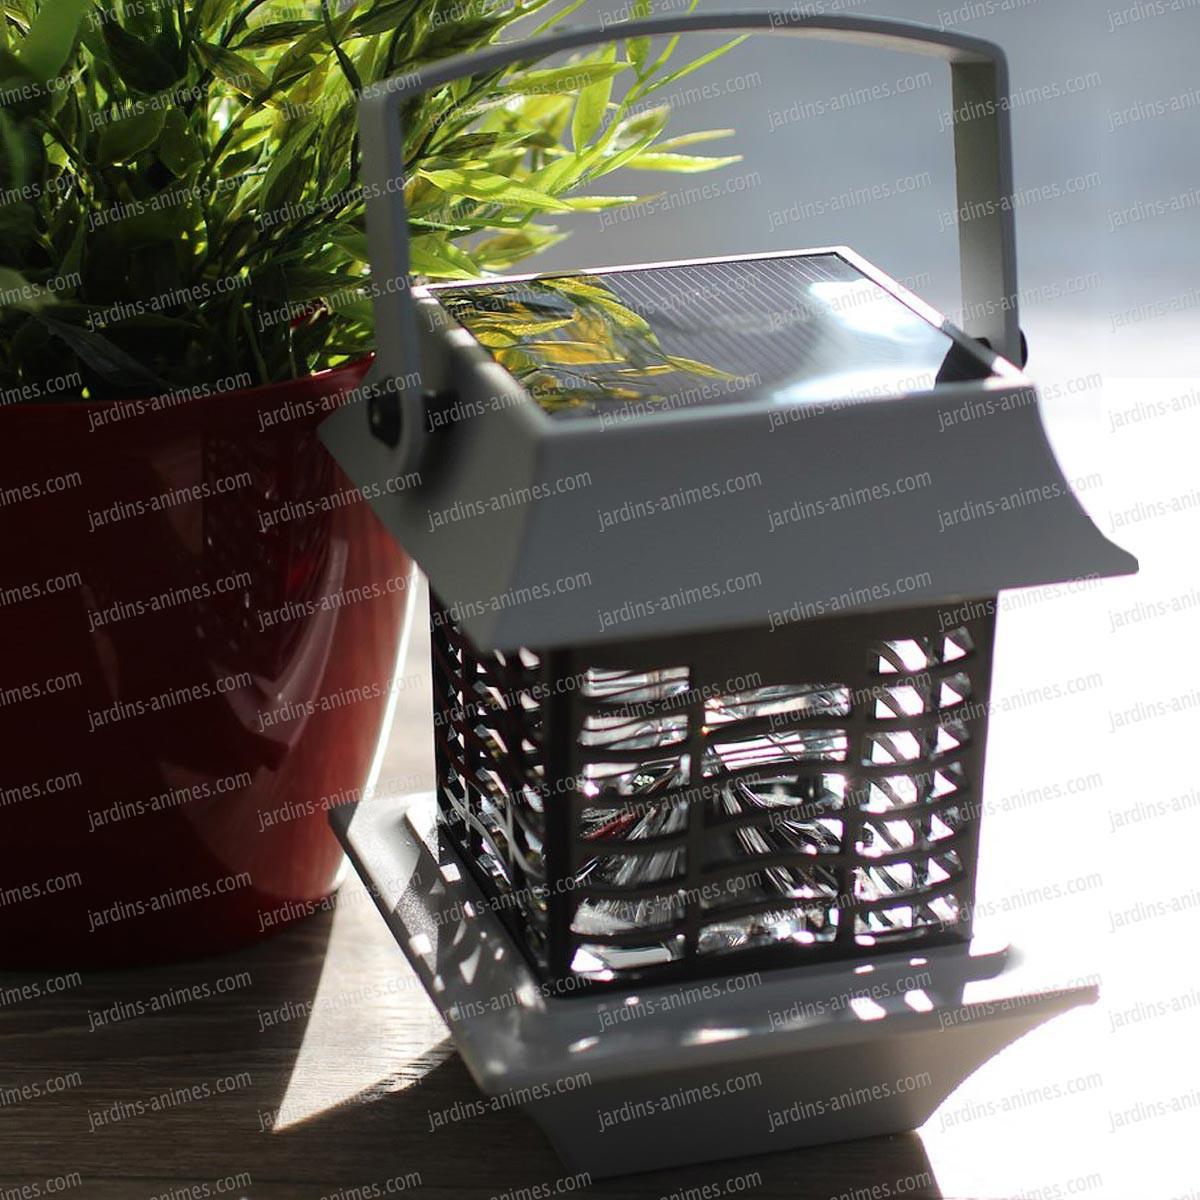 lampe anti moustique solaire grille lectrifi e eclairage et fontaine solaire. Black Bedroom Furniture Sets. Home Design Ideas